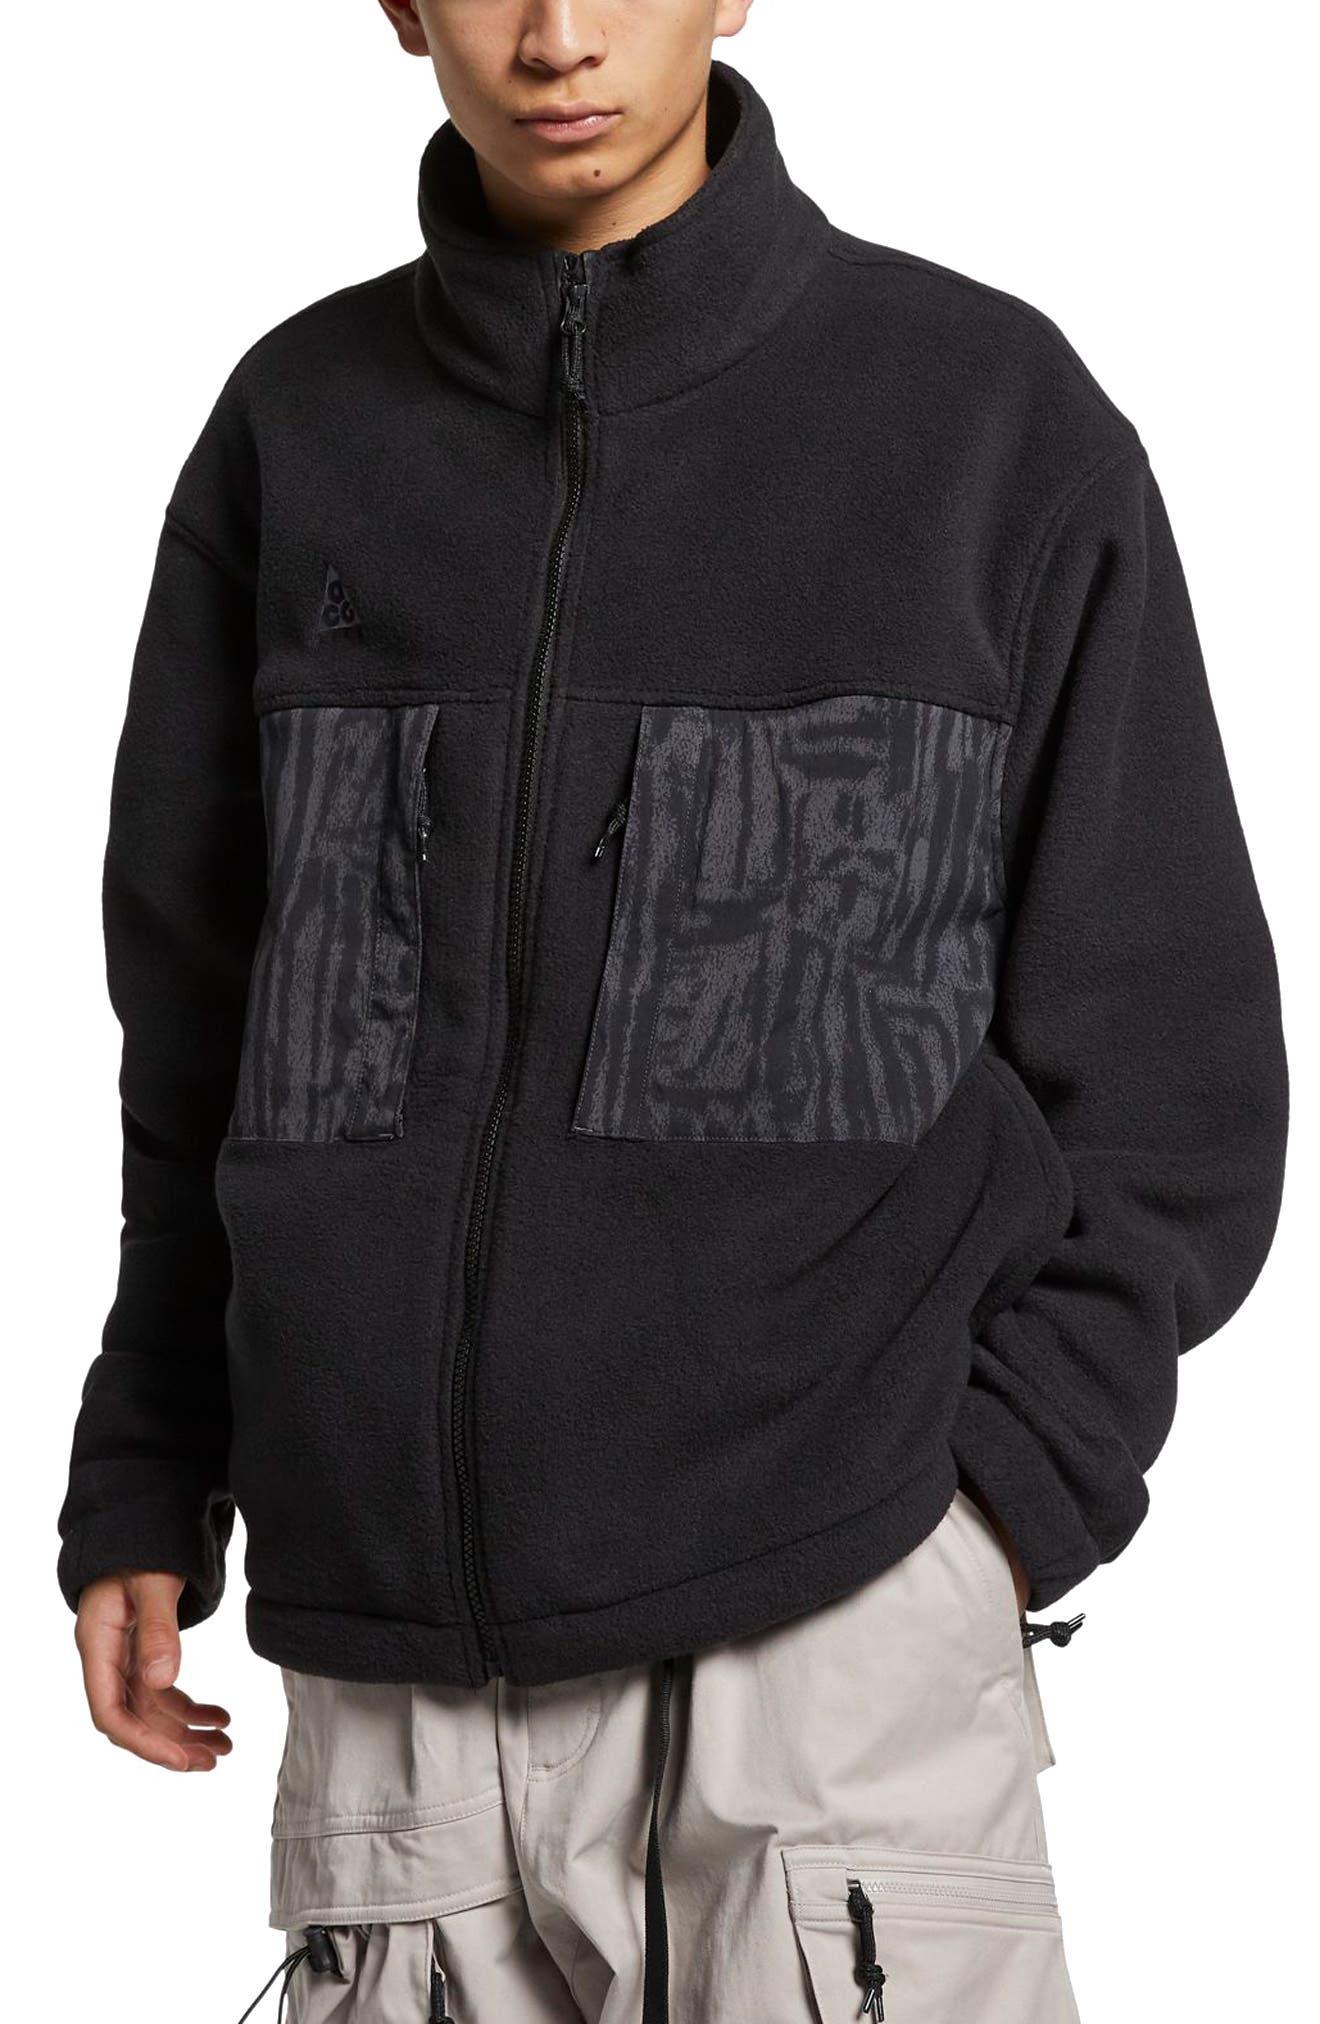 Nike Acg Fleece Jacket, Black